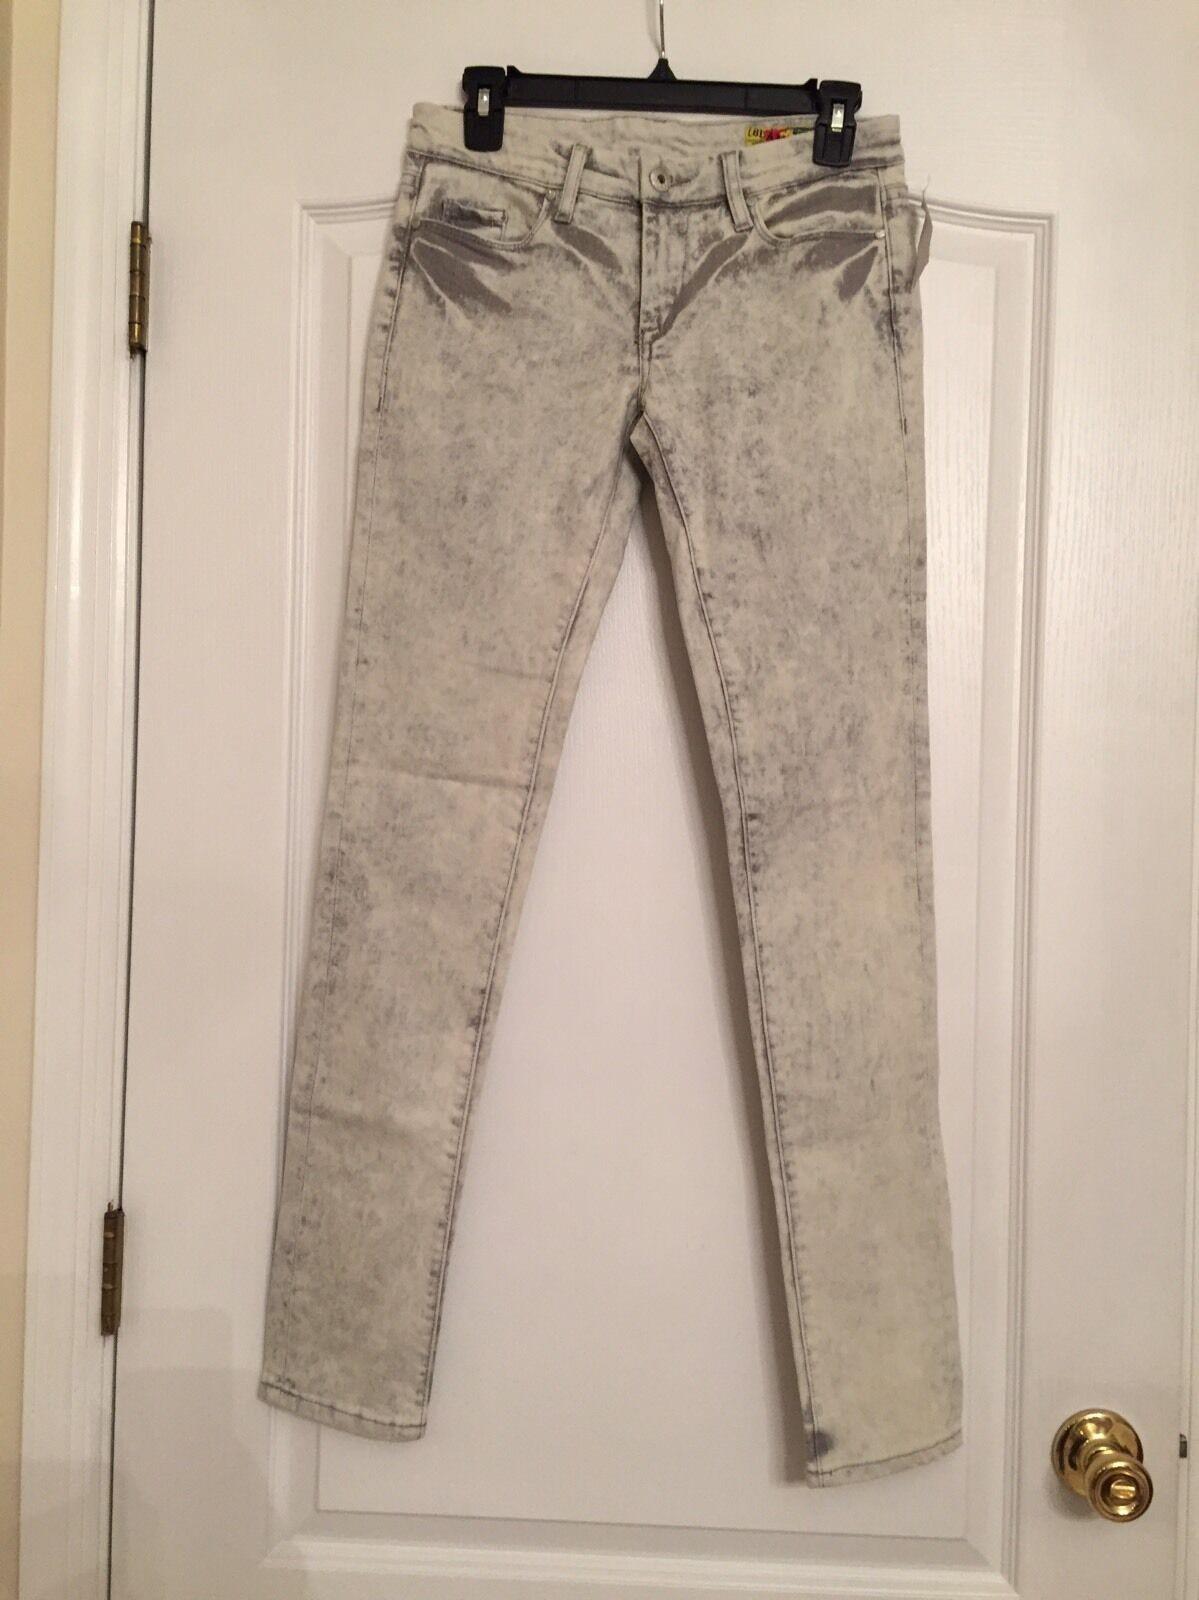 Blank NYC Woman's Stretch Skinny Leg Jeans - Size 27 - NWT